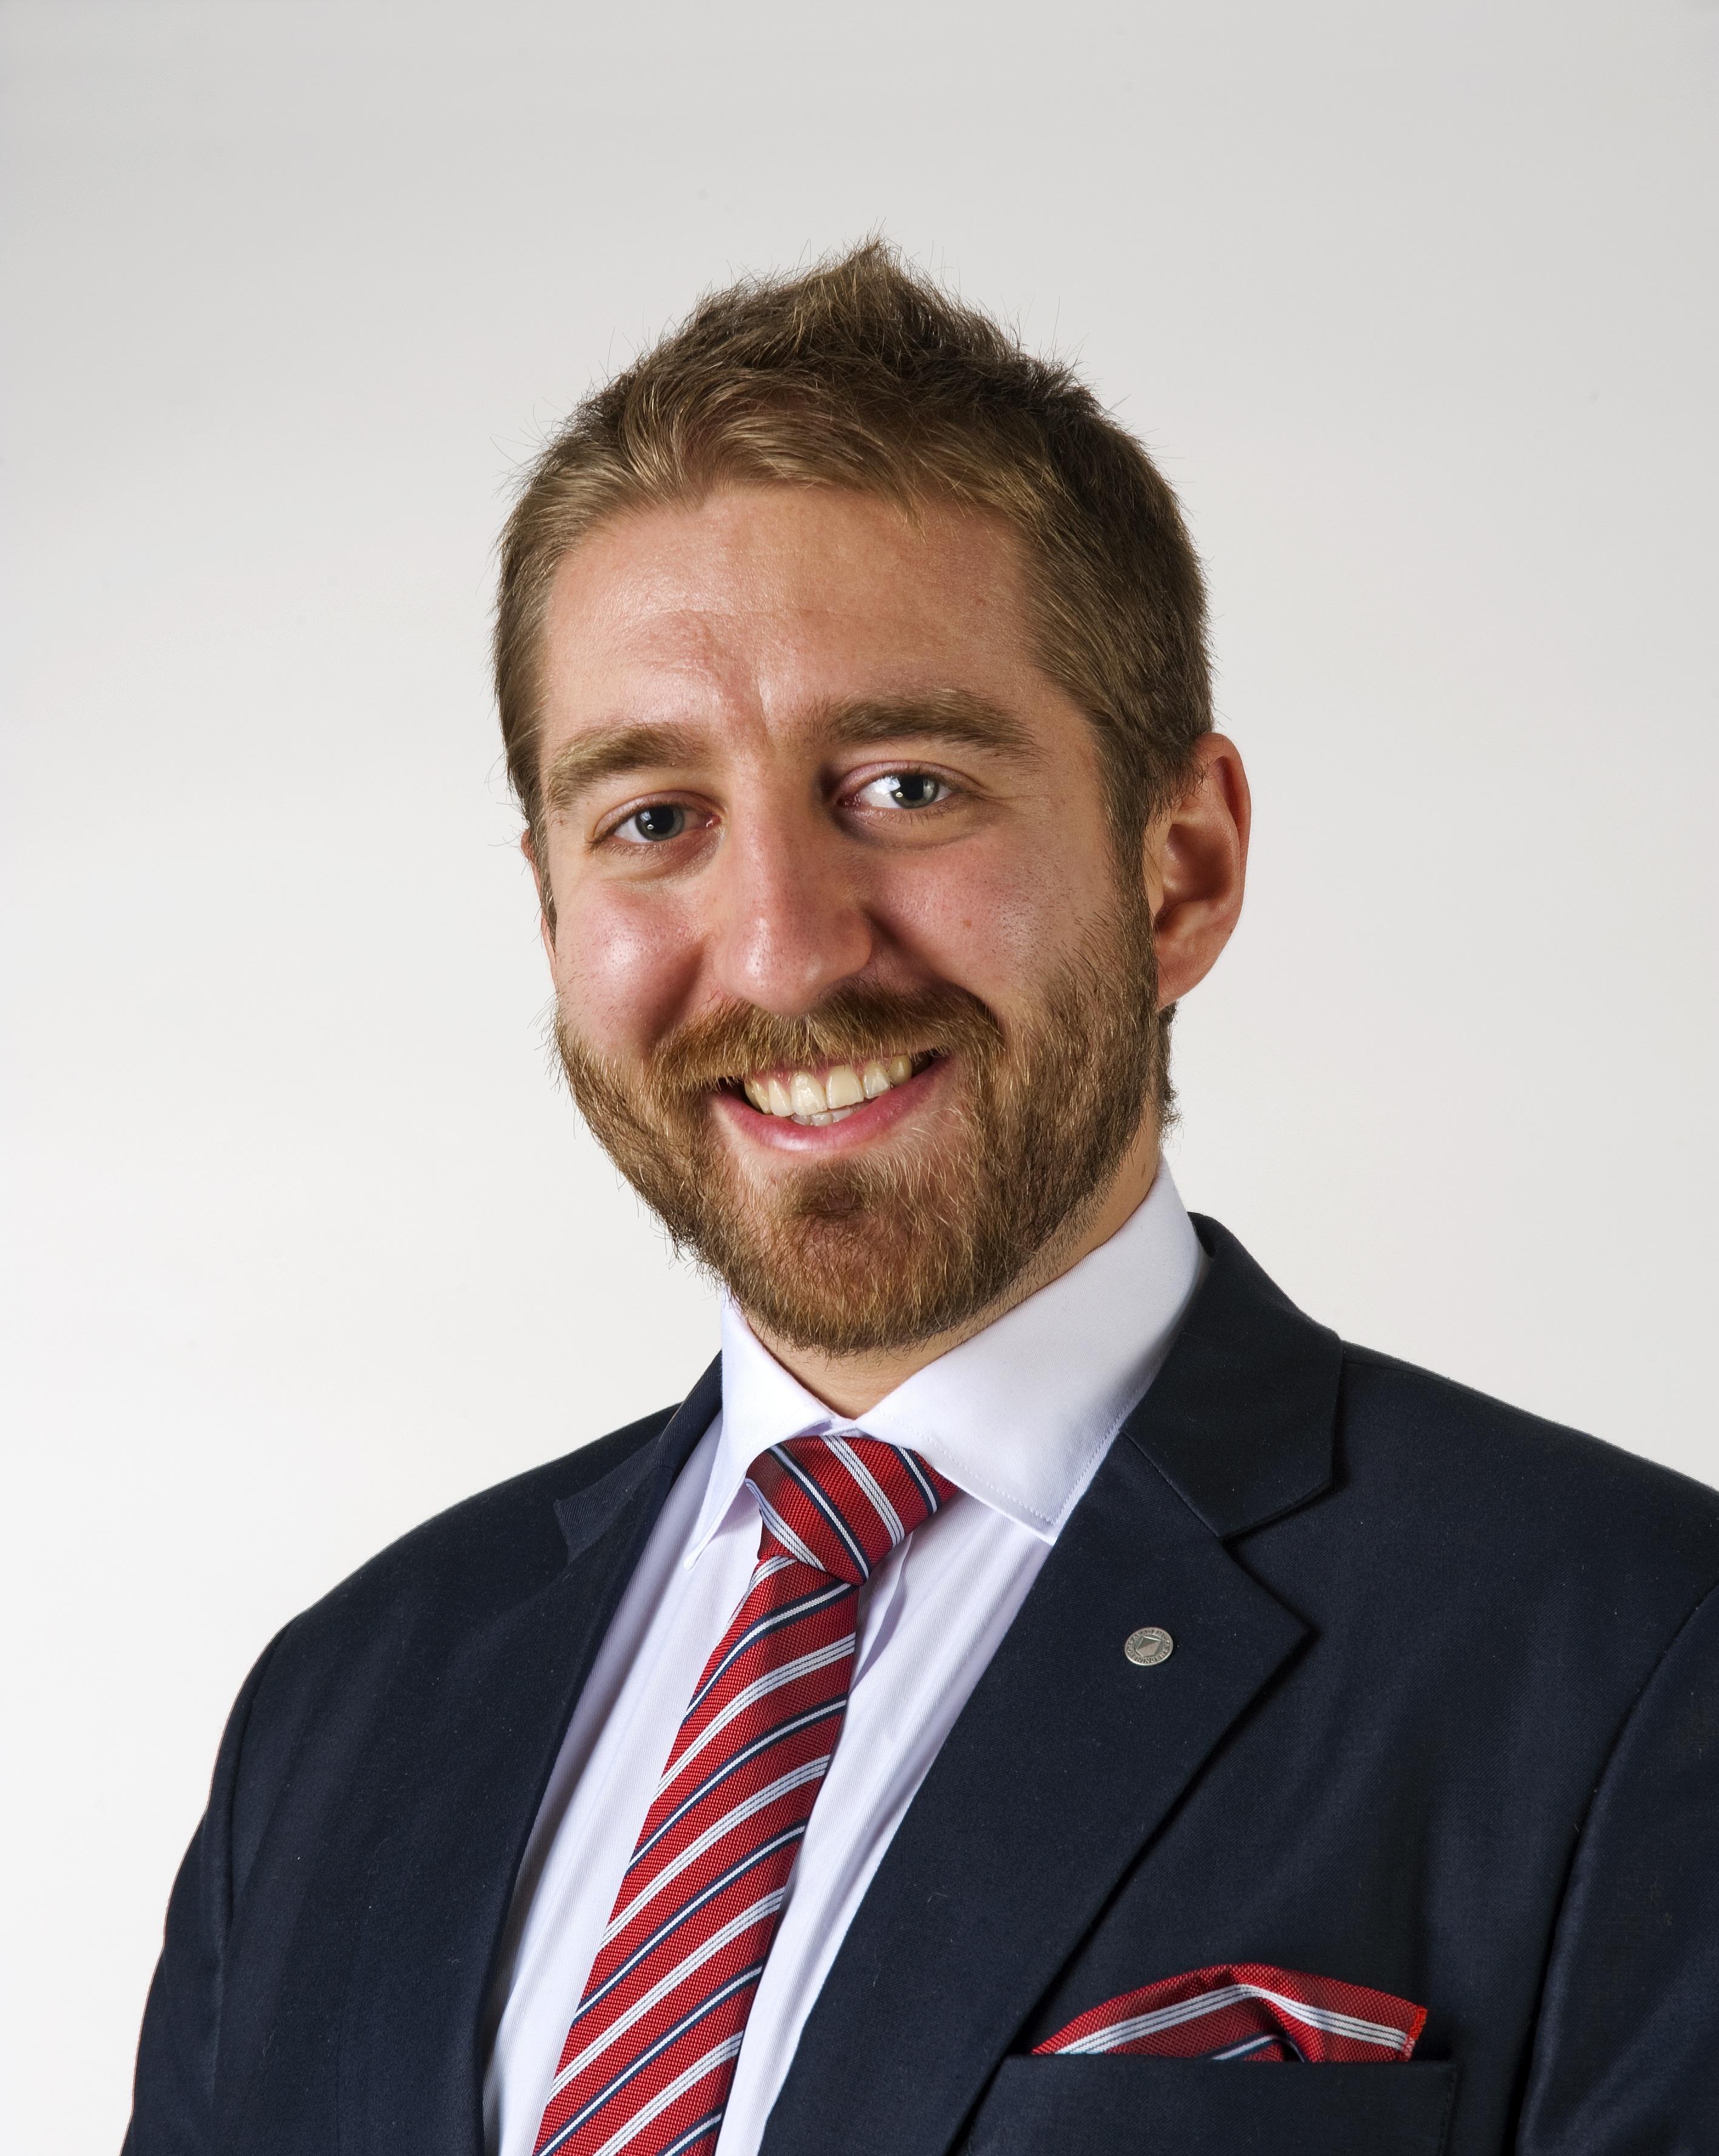 Nikolas Pieta Theofanous är valberedningens ordförande.